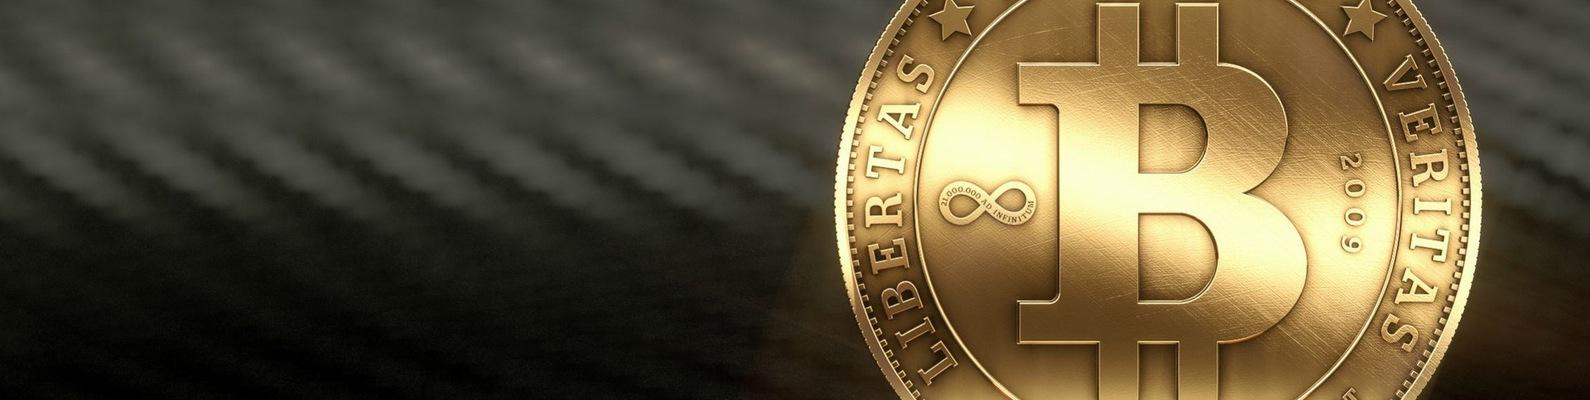 Новые хайпы биткоин